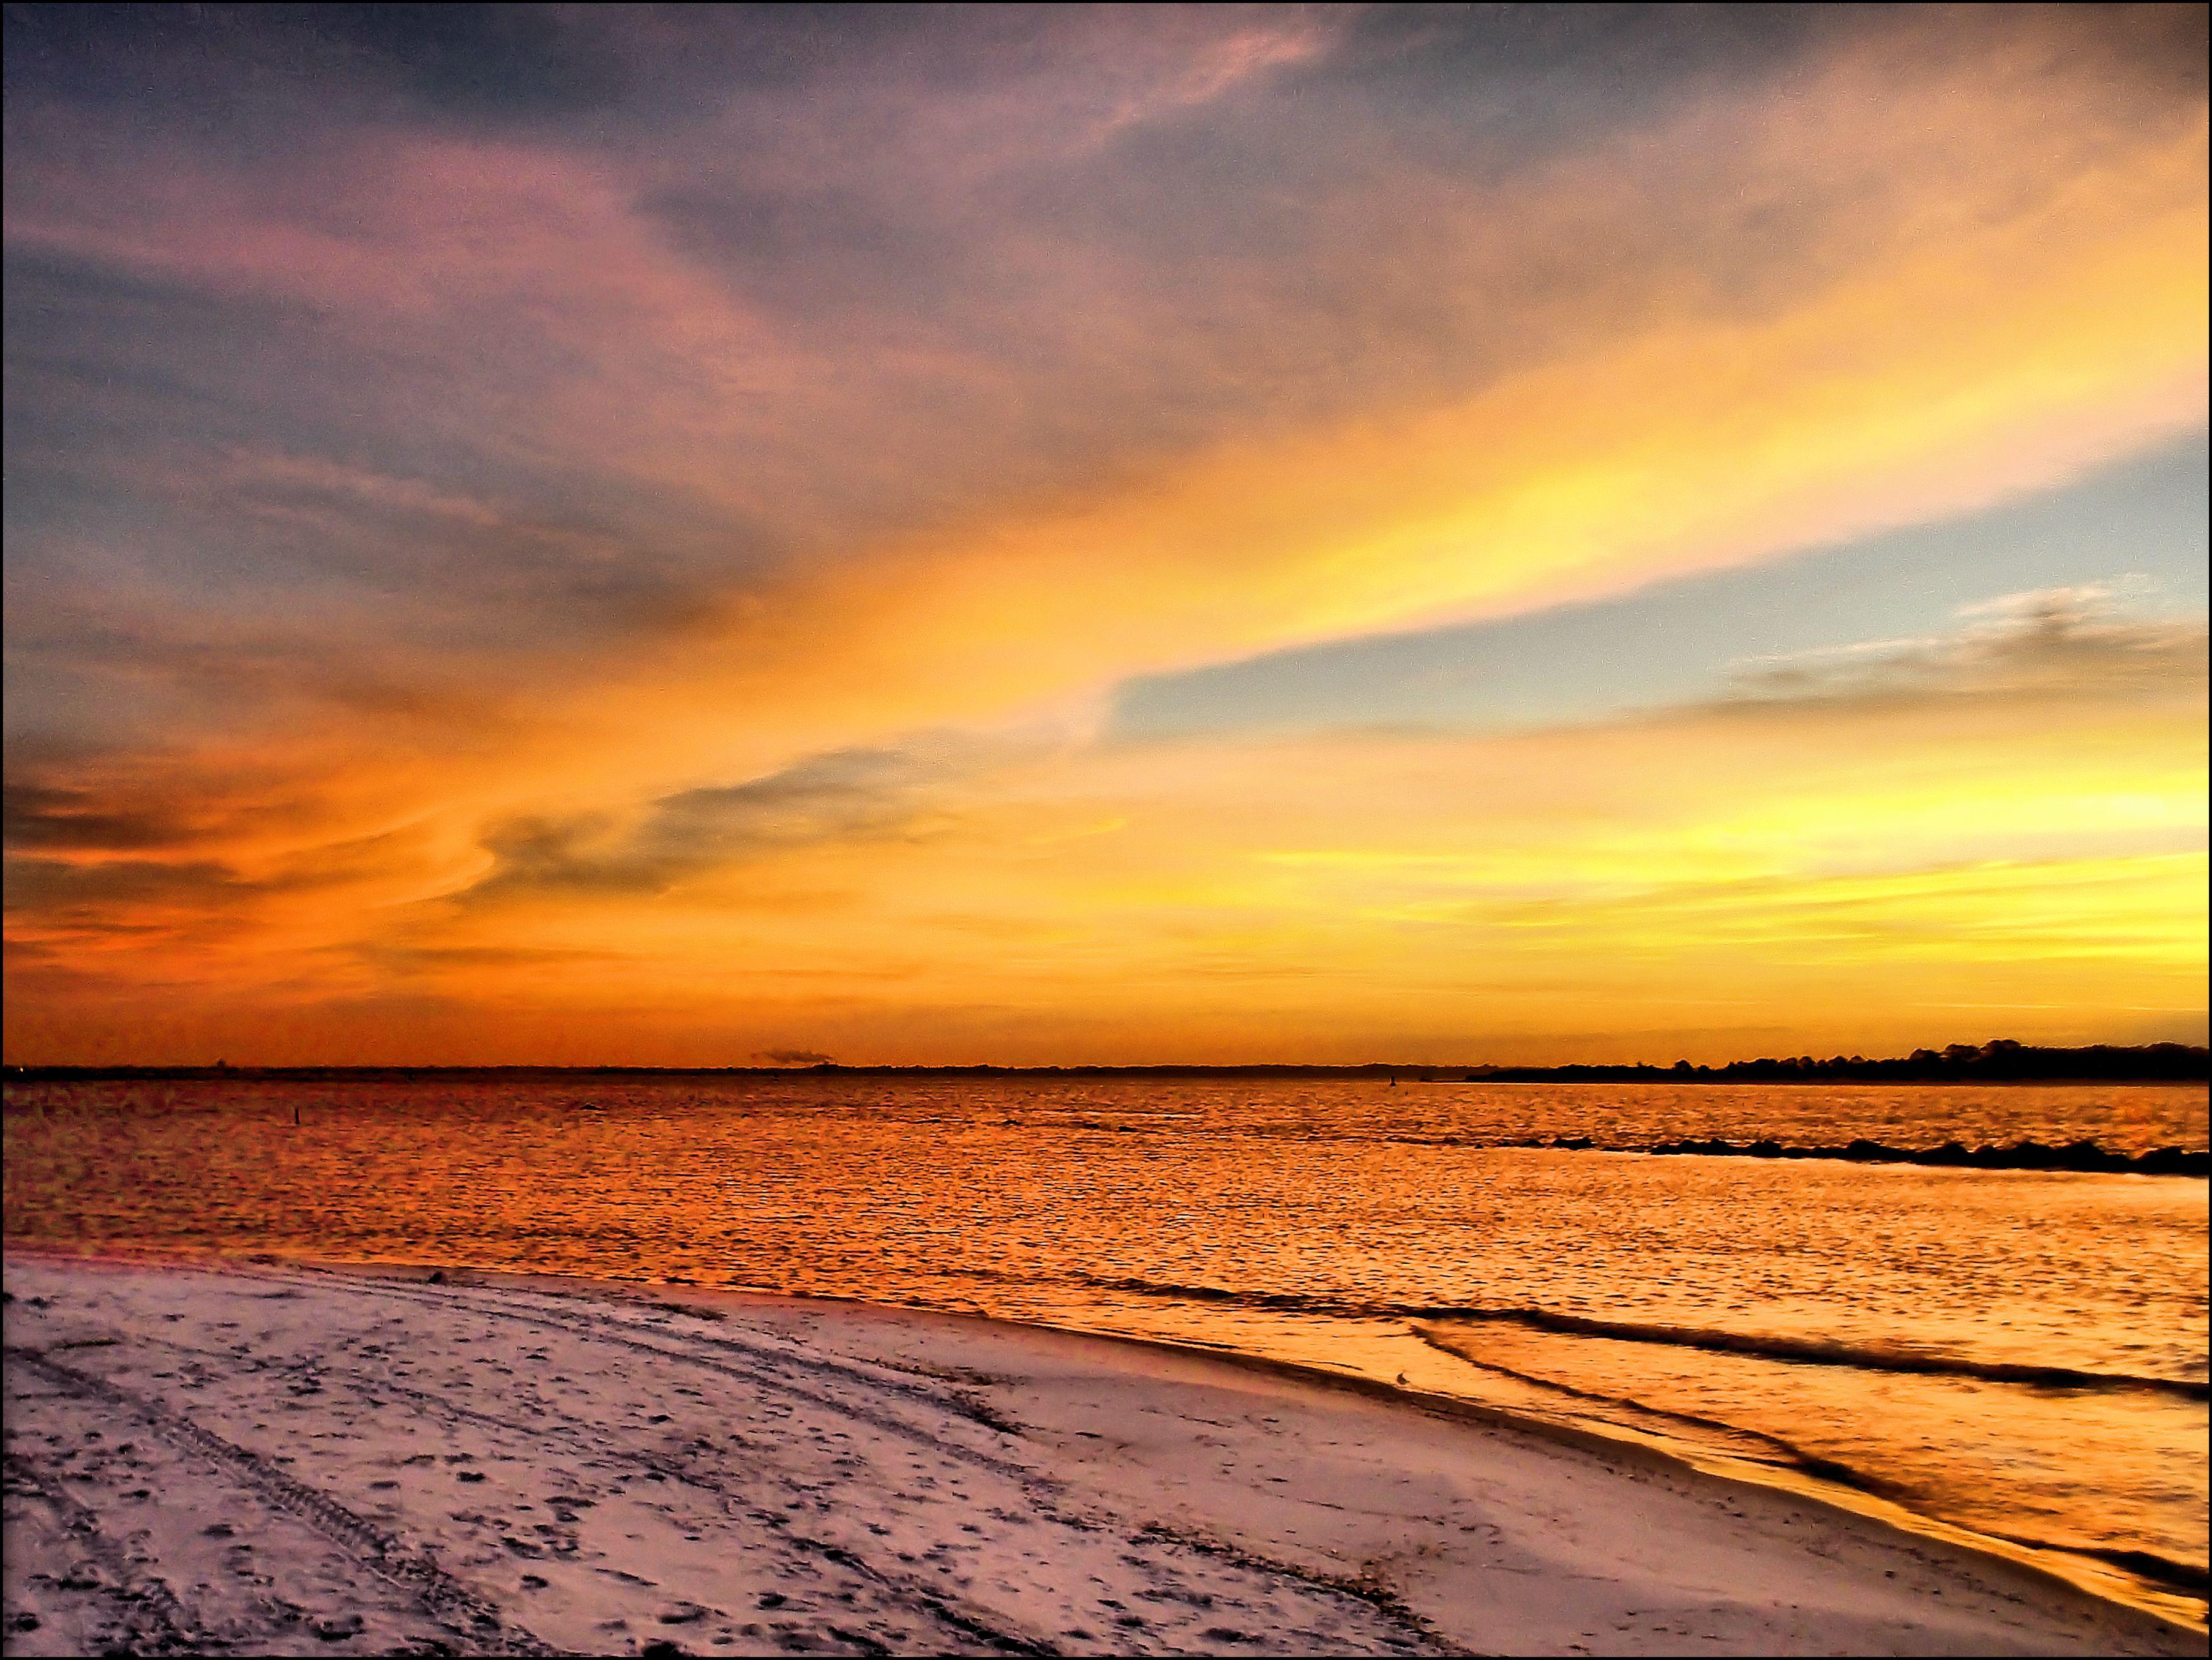 Panama City Beach, FL, USA Sunrise Sunset Times